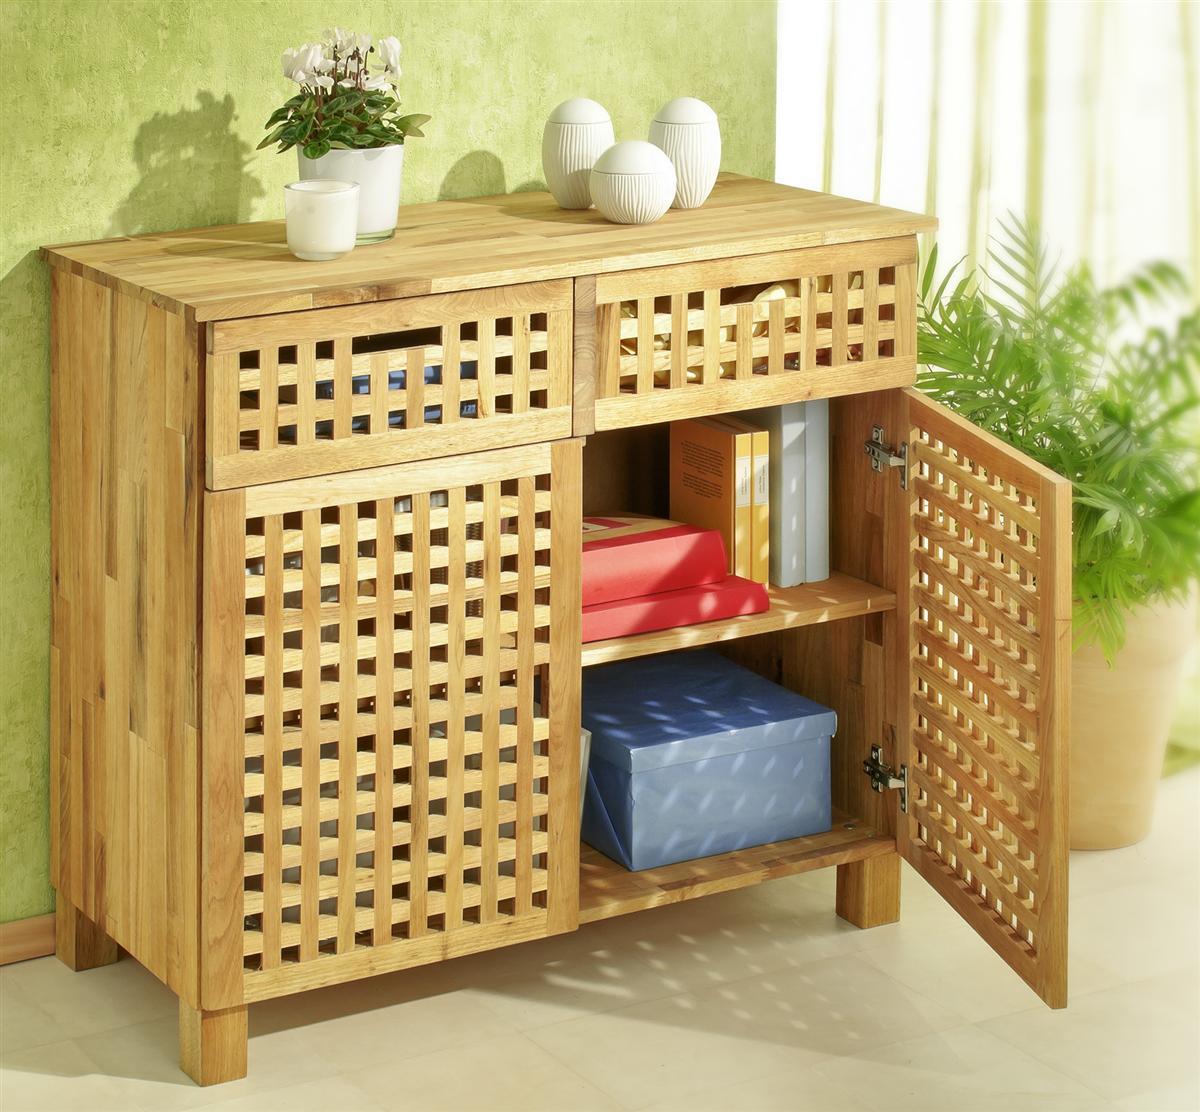 kommode mit 2 schubladen und 2 t ren gitterdesign walnussholz schrank ebay. Black Bedroom Furniture Sets. Home Design Ideas